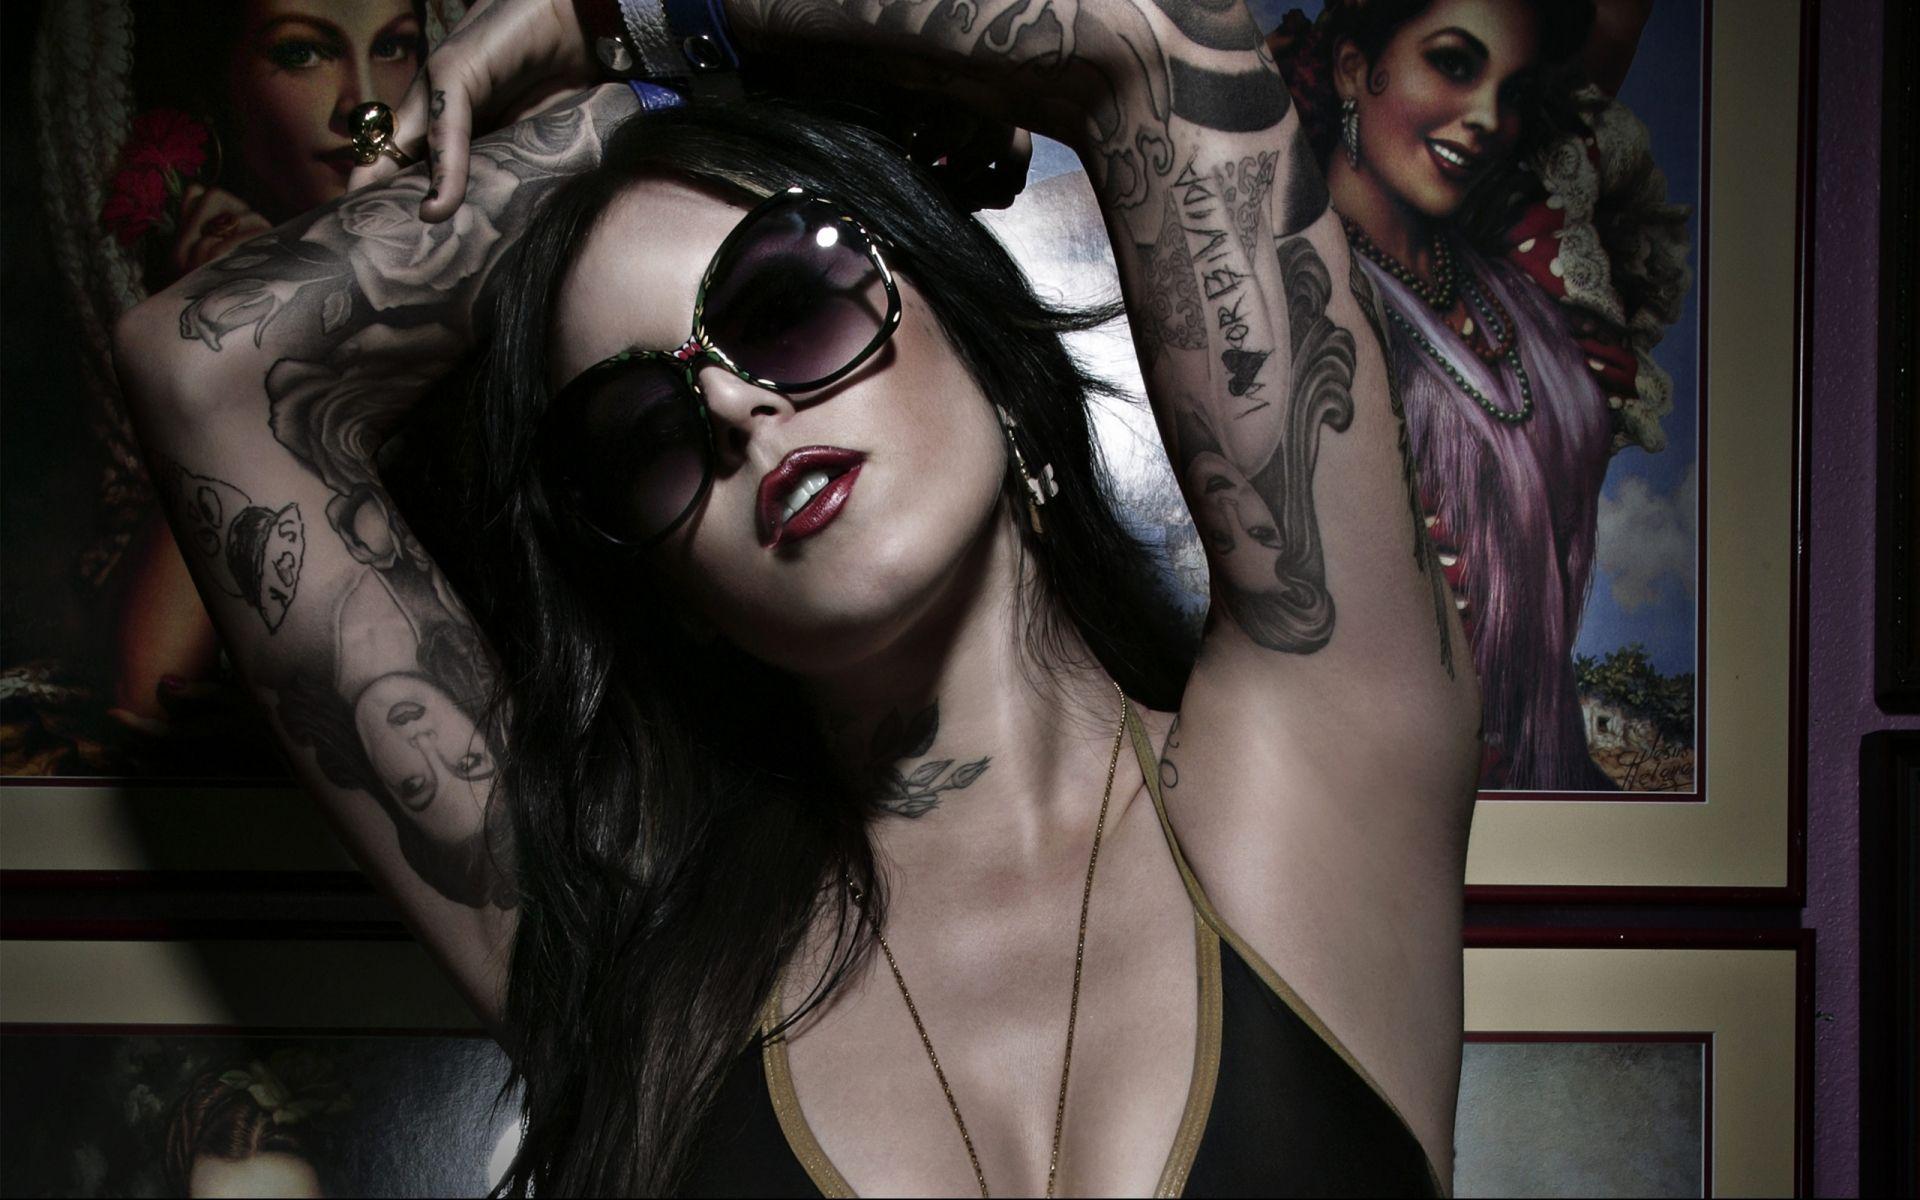 Tattoo Girl Von - Kat von d modeling kat von d wallpaper 2013 celeb gothic tattoo glasses women